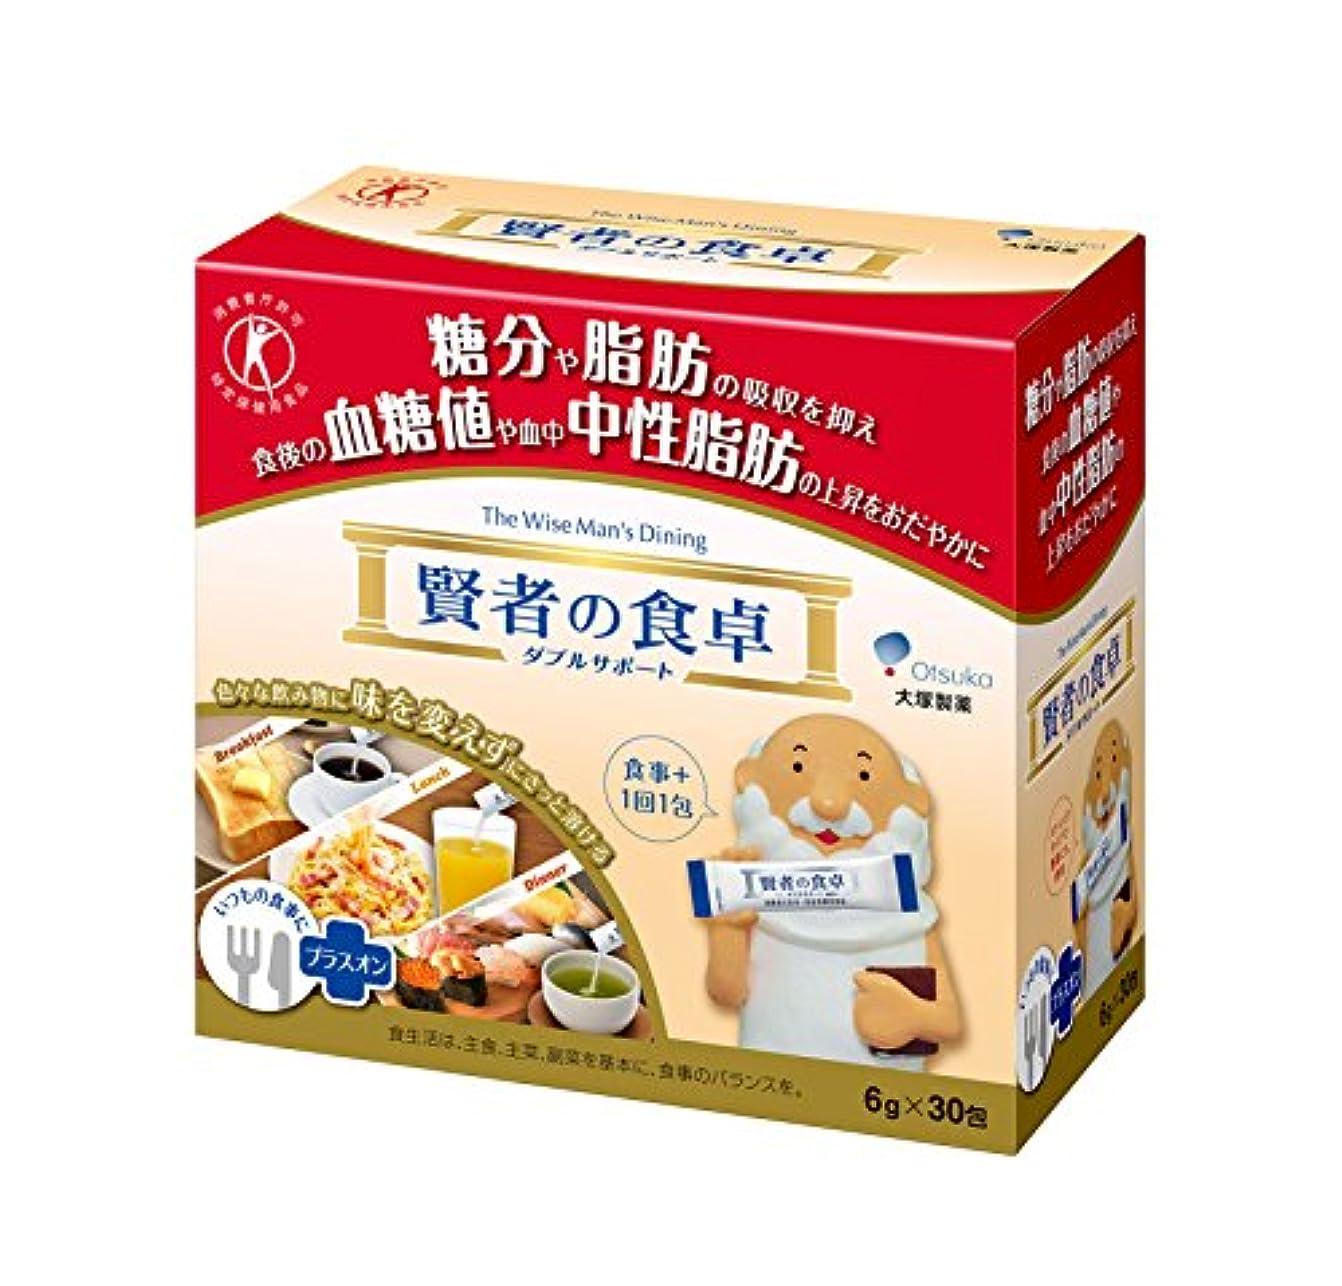 幹リアル半径大塚製薬 賢者の食卓 ダブルサポート 6g×30包 【特定保健用食品】